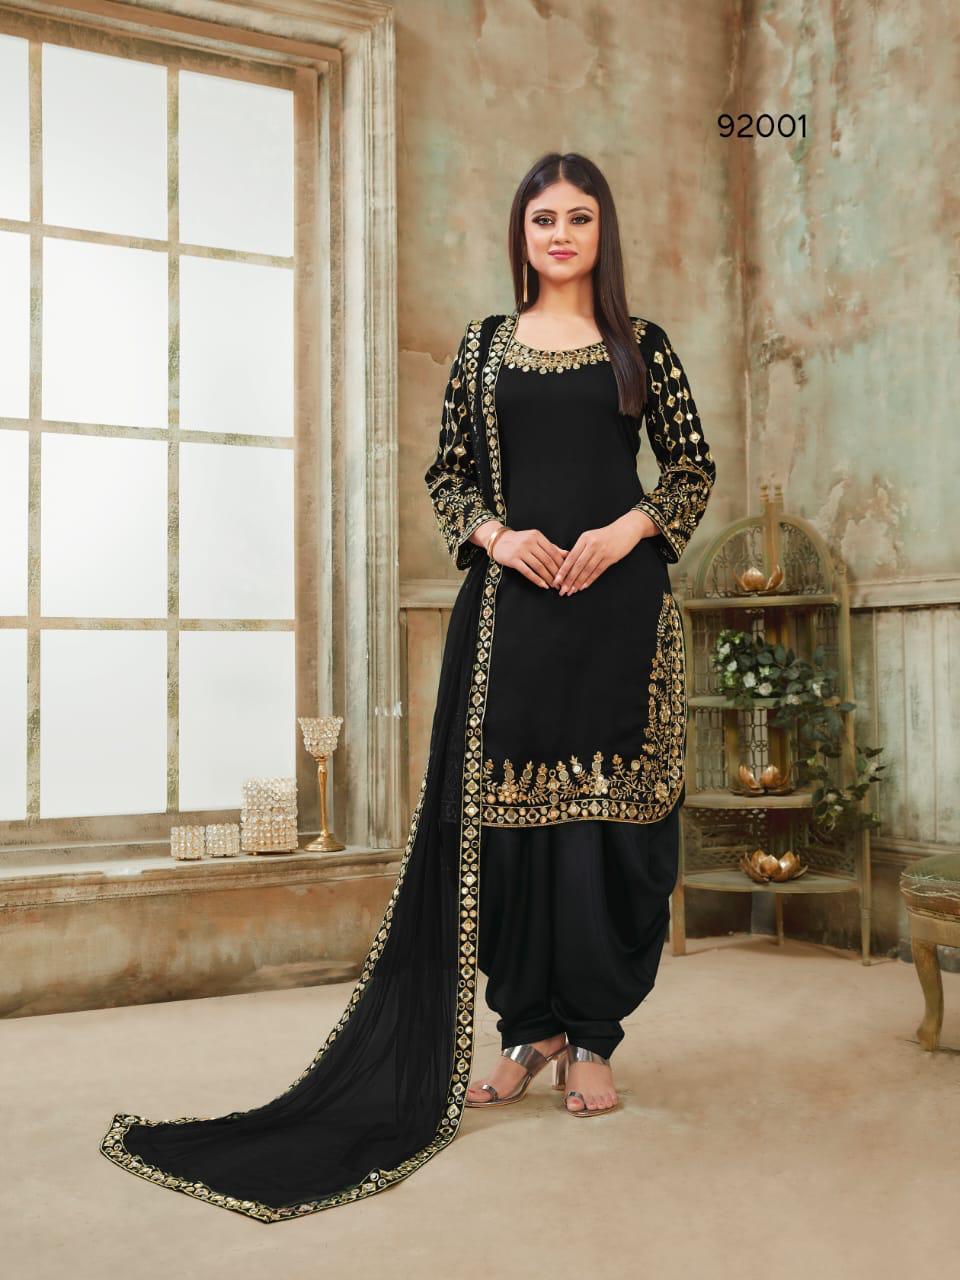 Twisha 92001 Designer Silk Santoon With Mirror Work Suits In Single